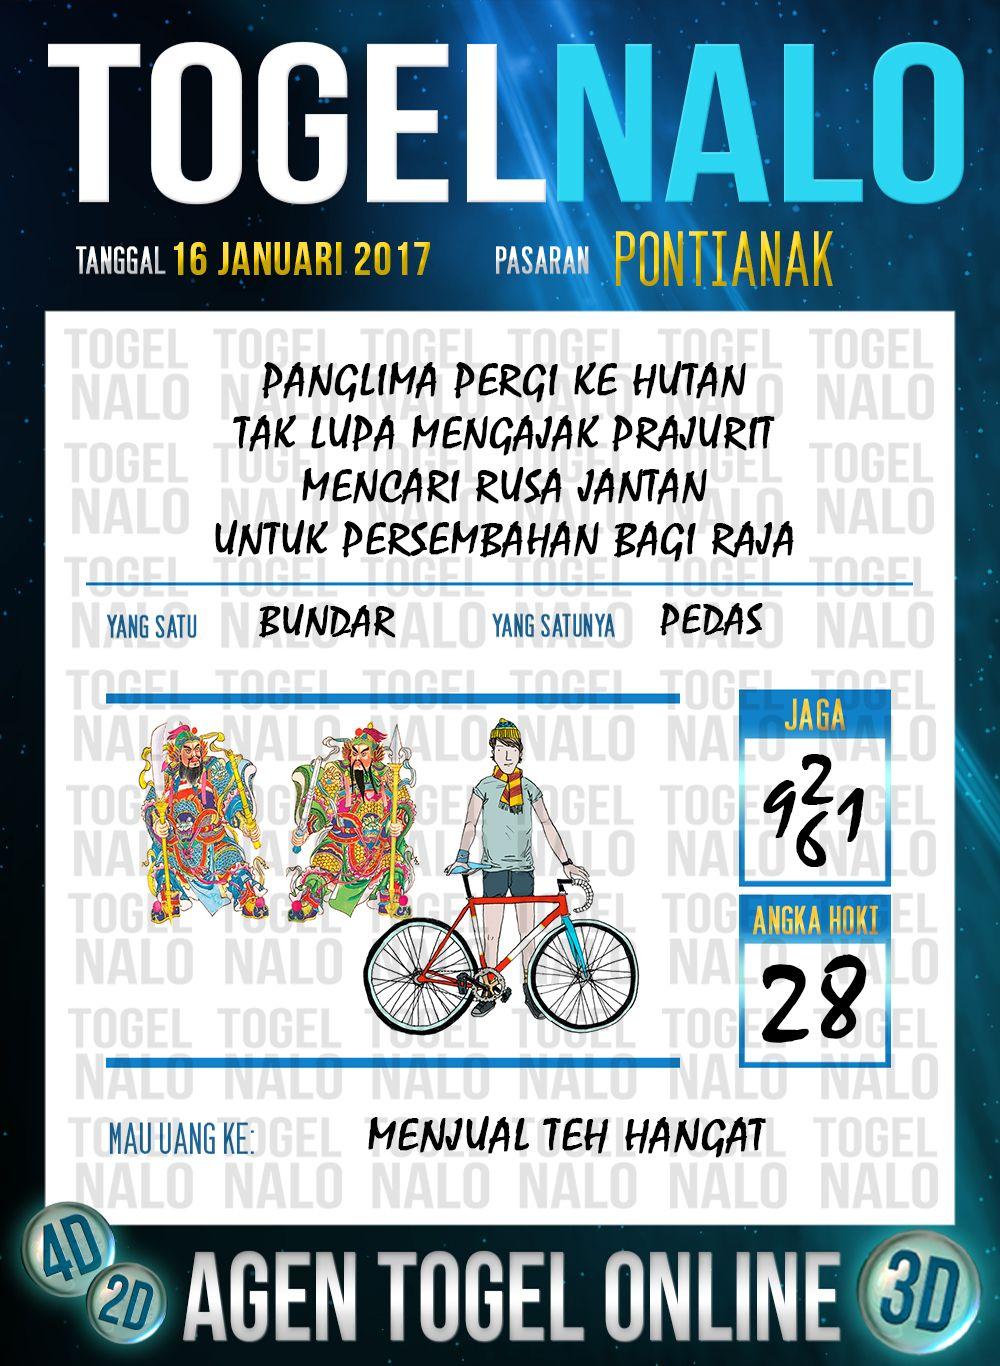 Kop Jitu 2d Togel Wap Online Live Draw 4d Togelnalo Pontianak 16 Januari 2017 Januari Nalu Yogyakarta